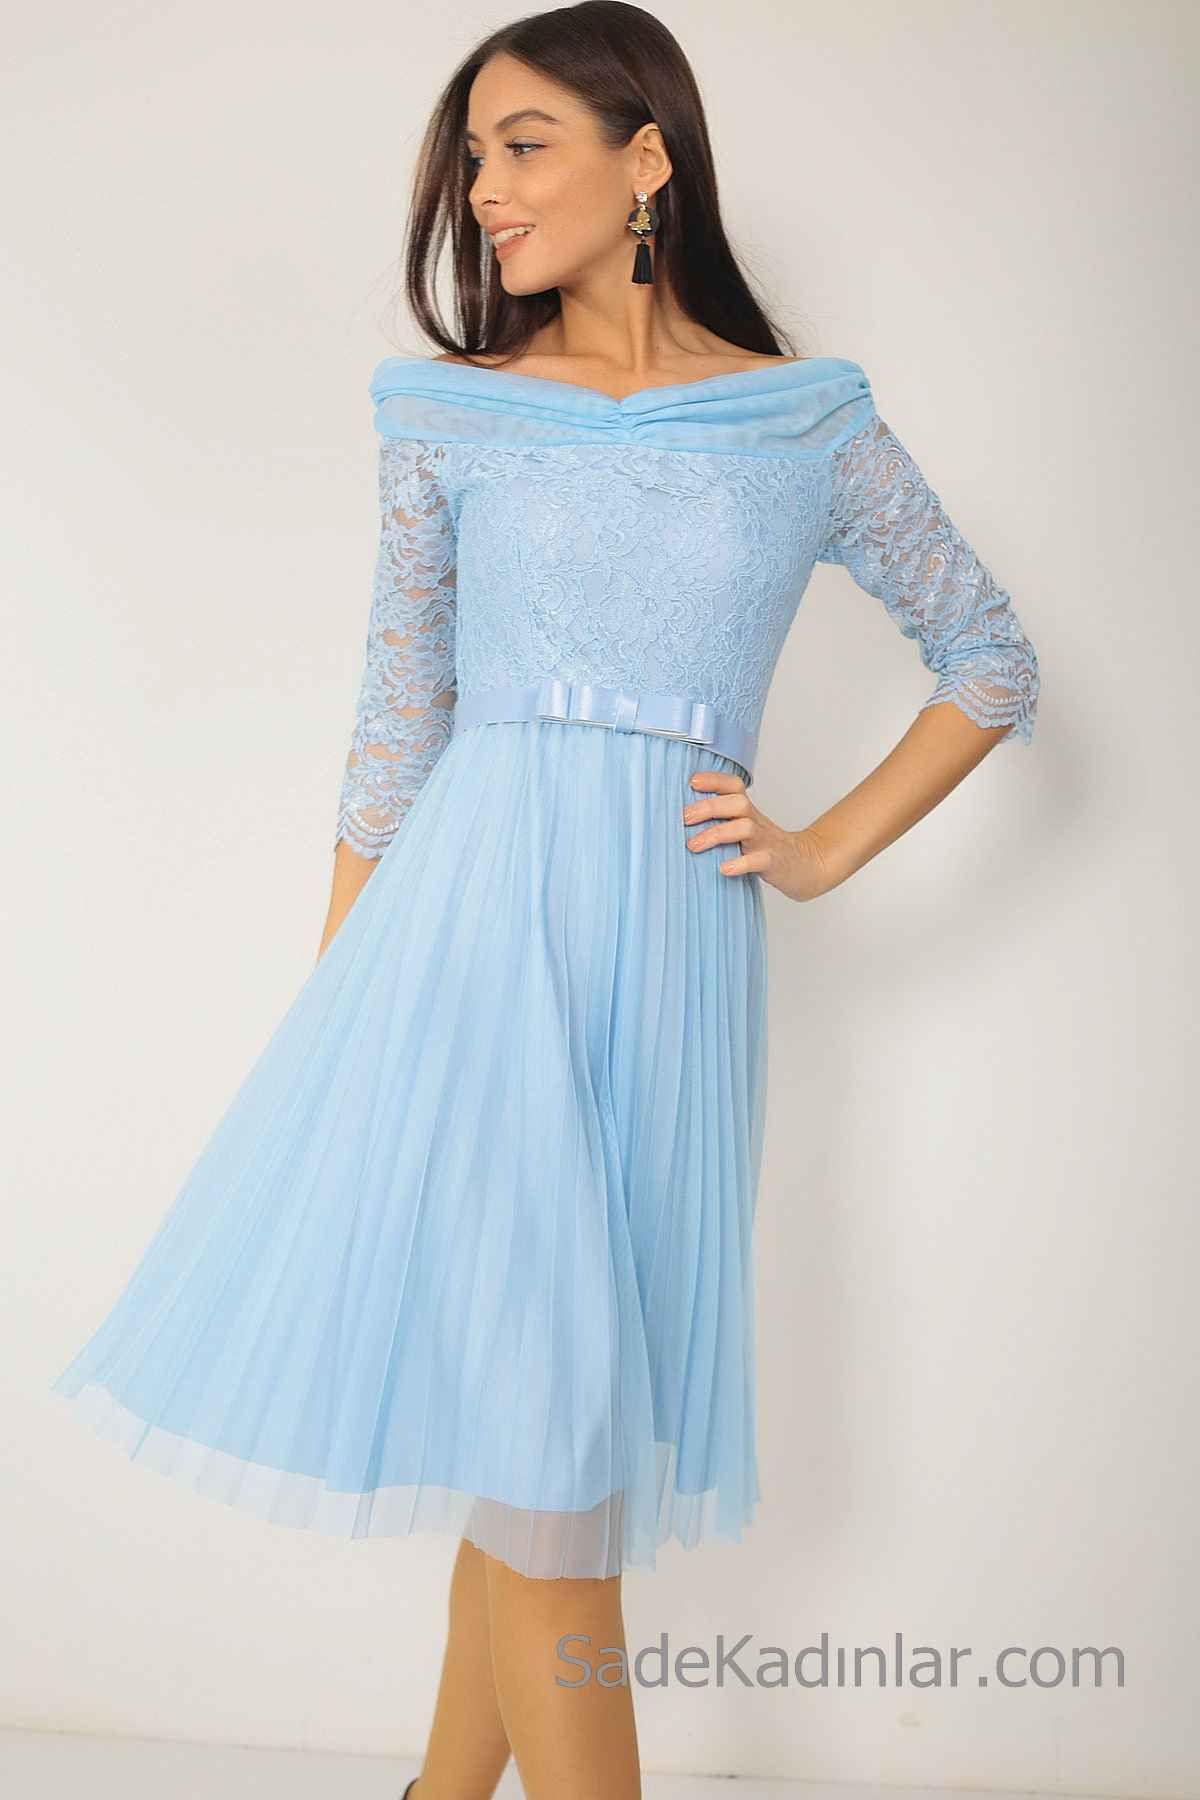 2020 Bebe Mavisi Elbise Modelleri Dizboyu Kayik Yaka Uzun Kollu Gupurlu Pileli Tul Etek Elbise Modelleri Klas Elbiseler Elbise